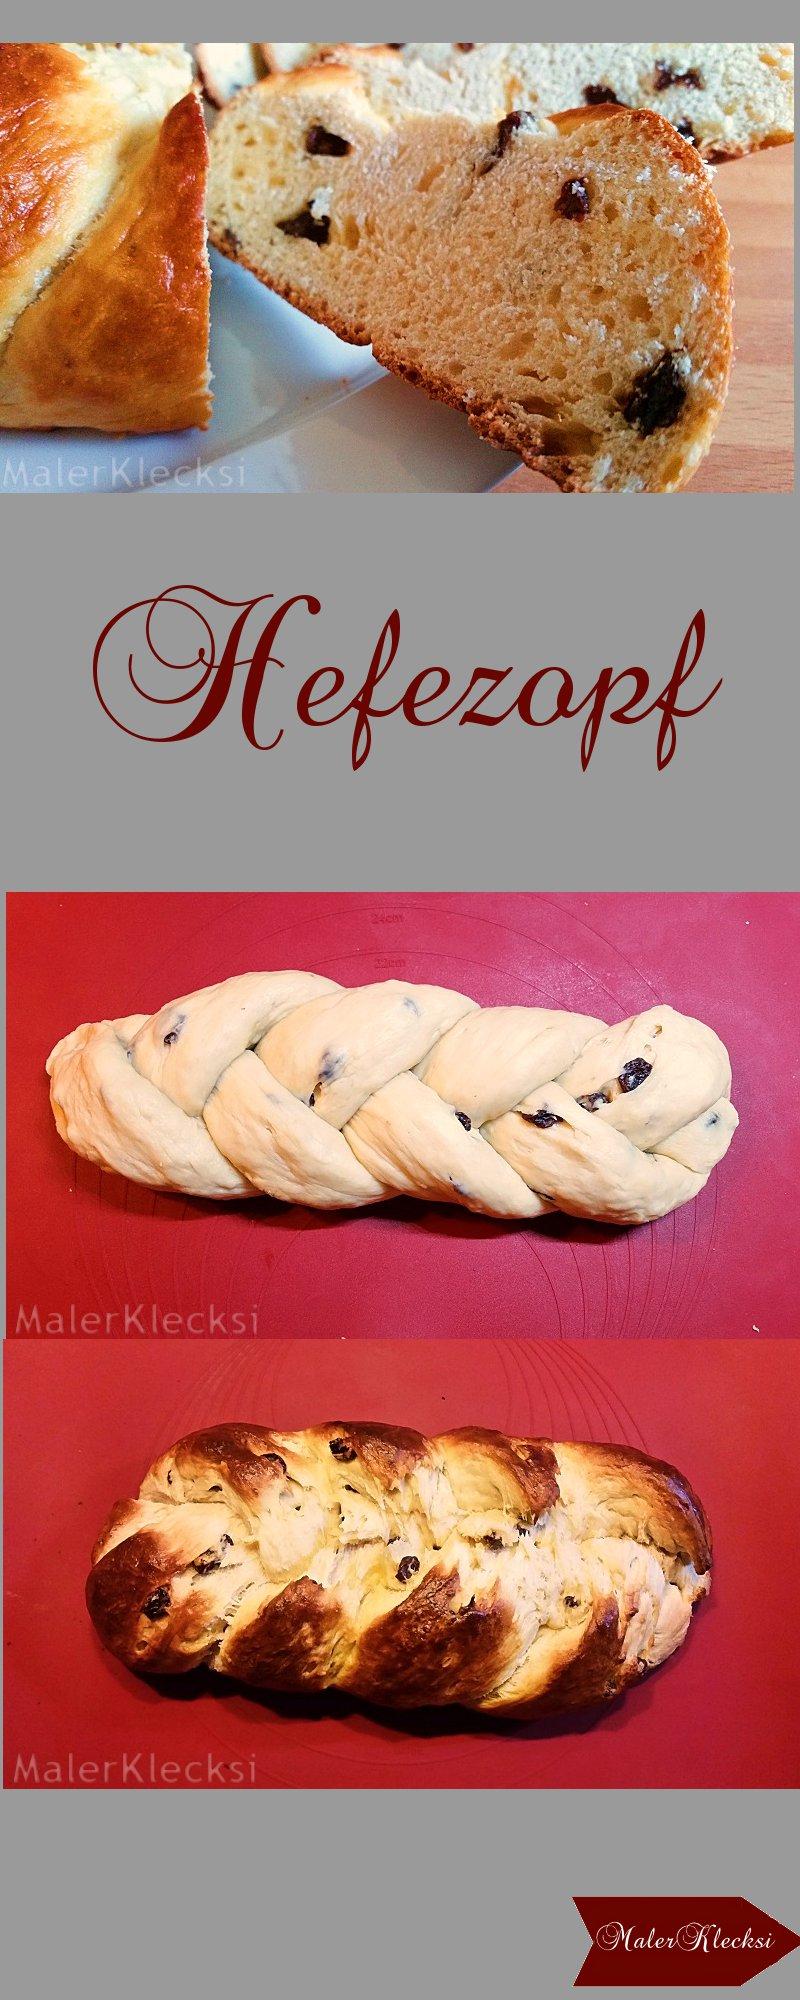 Hefezopf